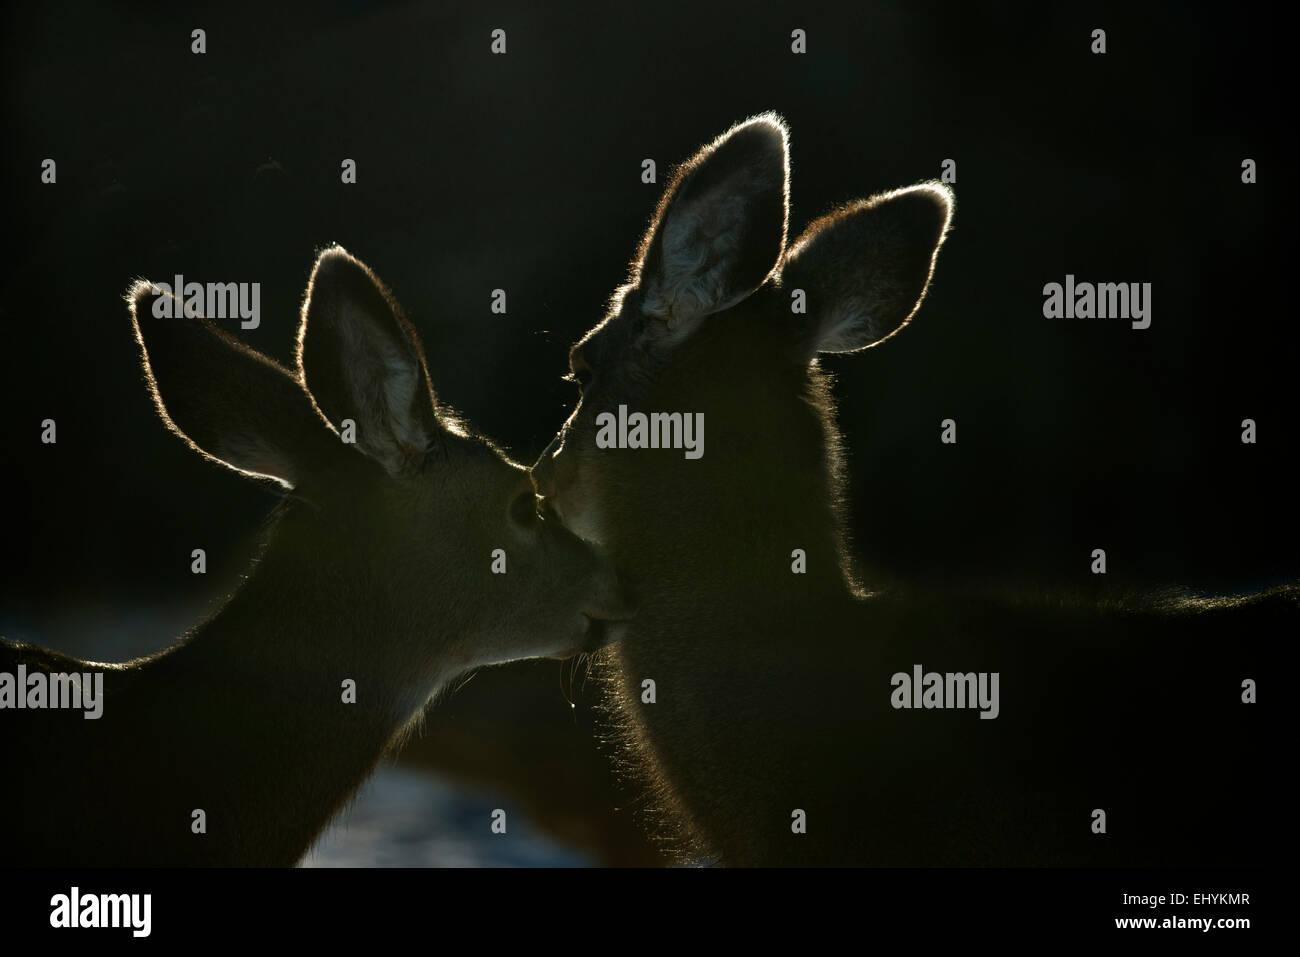 mule deer, blacktail deer, deer, animal, back light, Canada, odocoileus hemionus - Stock Image